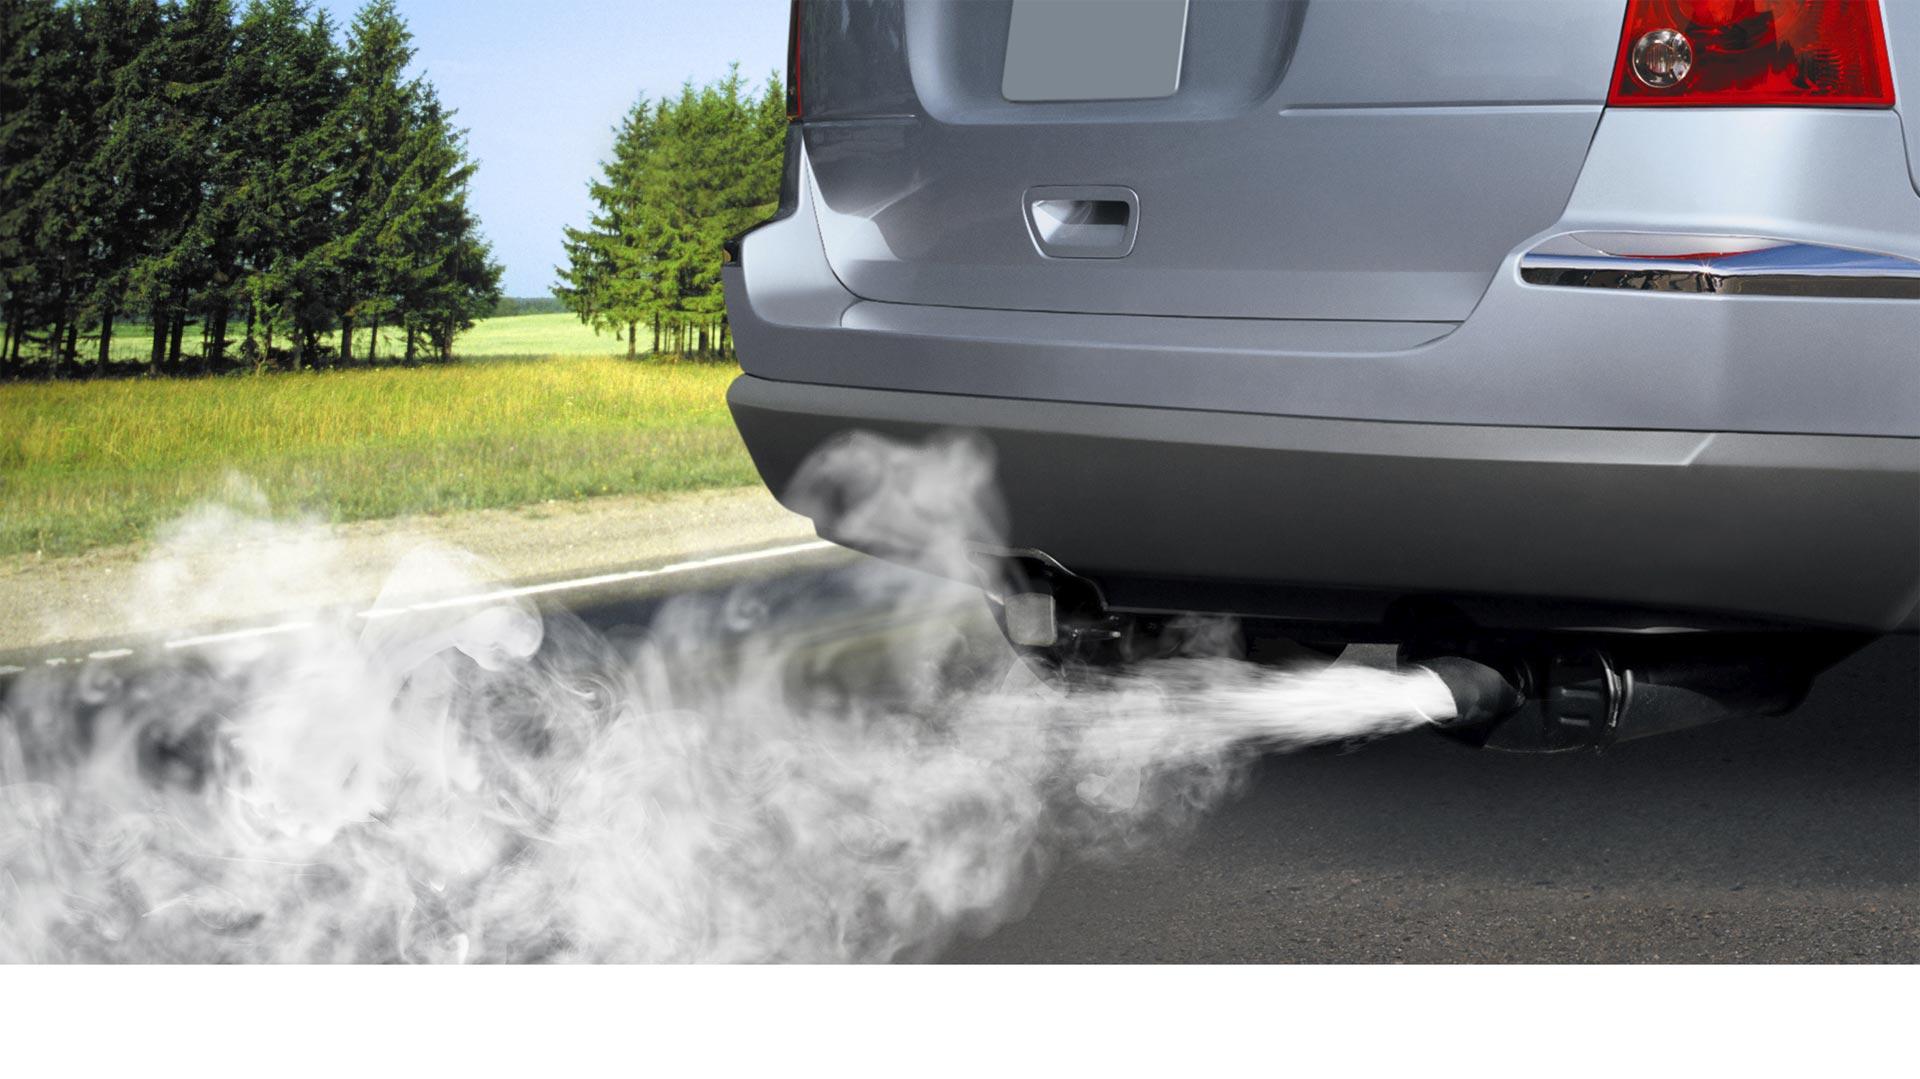 Un ingeniero desarrolló un sistema que no sólo reduce los gases contaminantes de los vehículos, sino que permite gastar menos gasolina